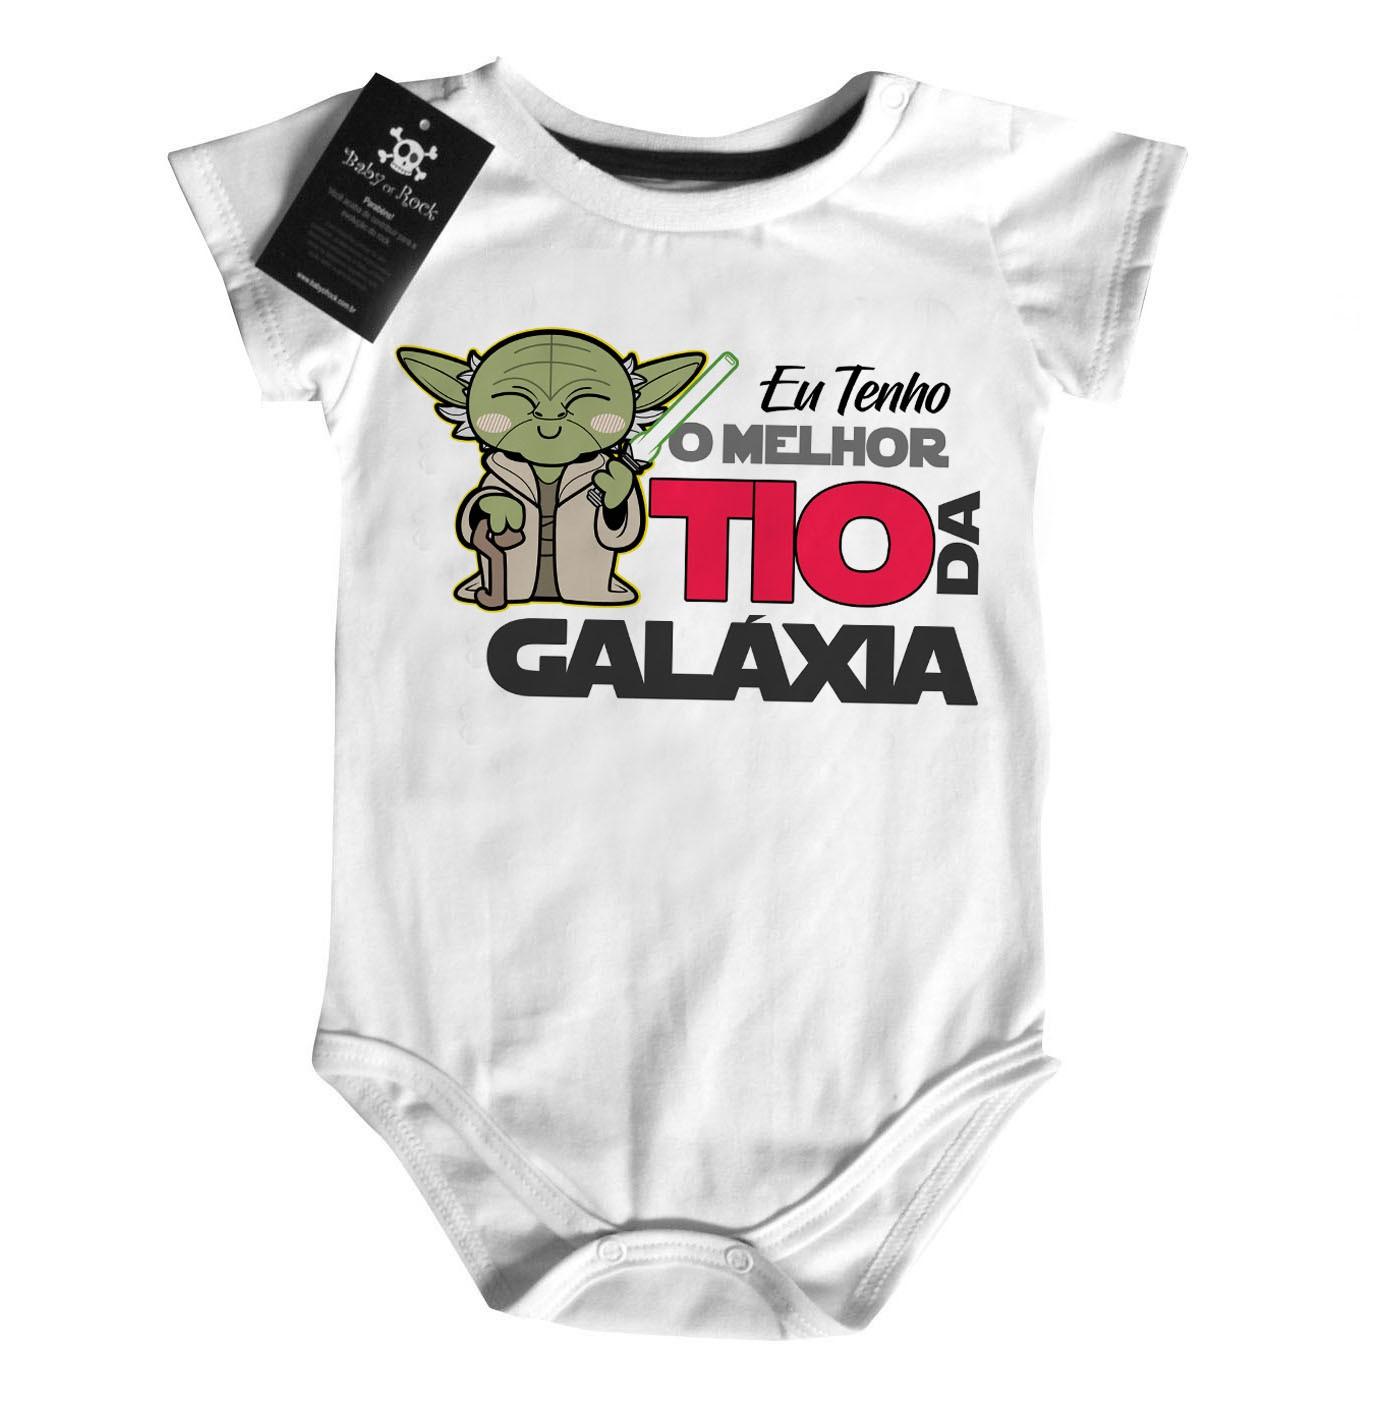 Body Baby Monster - Melhor Tio da Galáxia  - Baby Monster S/A